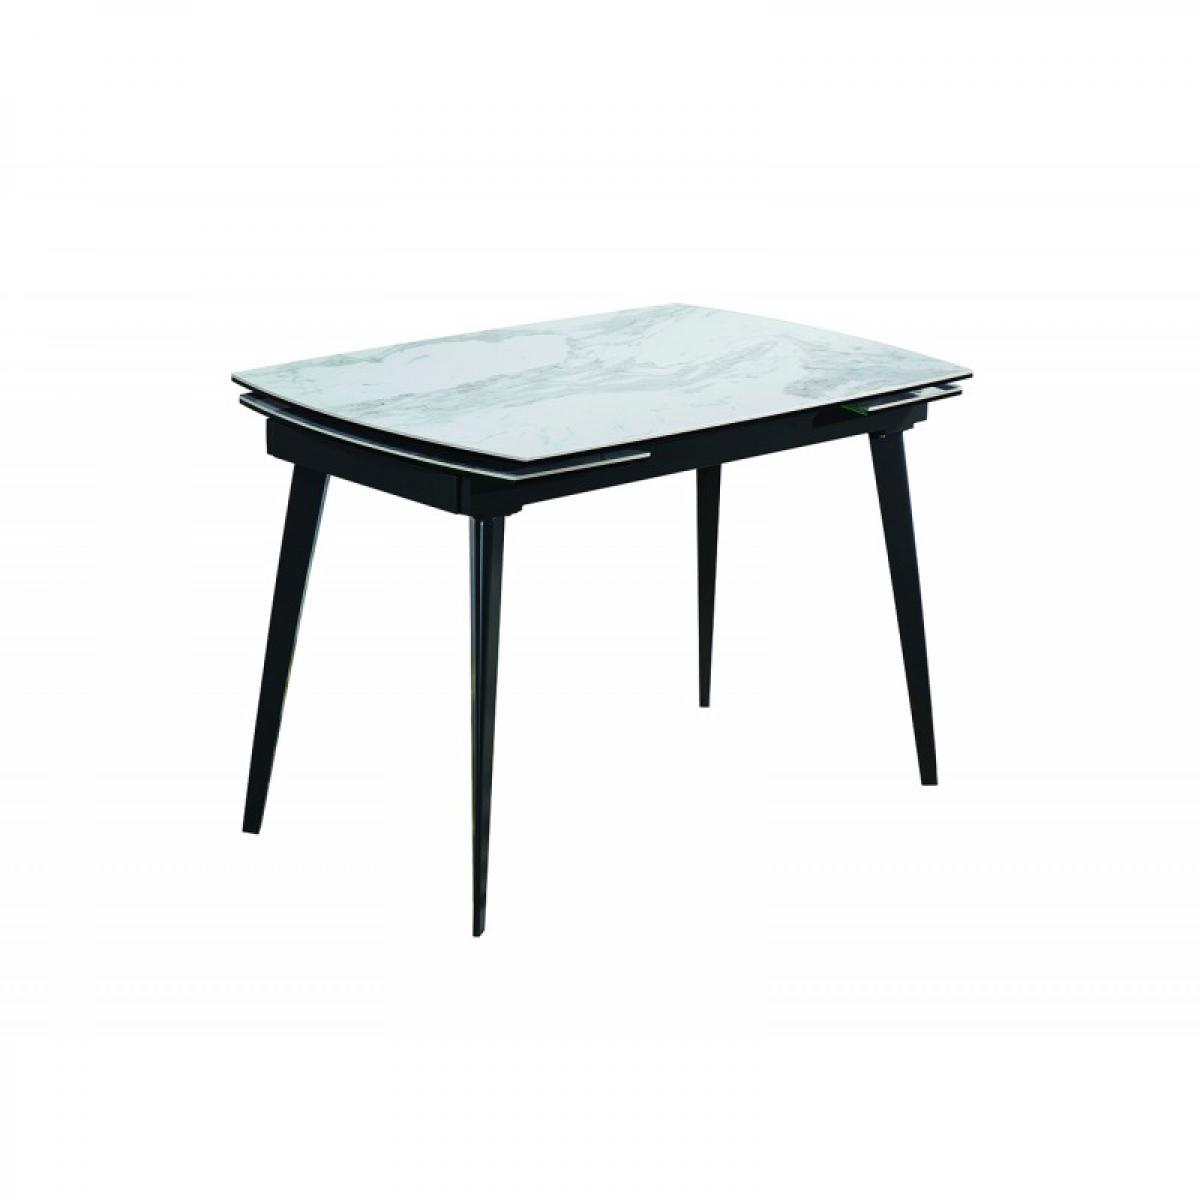 Meubletmoi Table extensible céramique blanc marbré 120 à178 cm - Florida